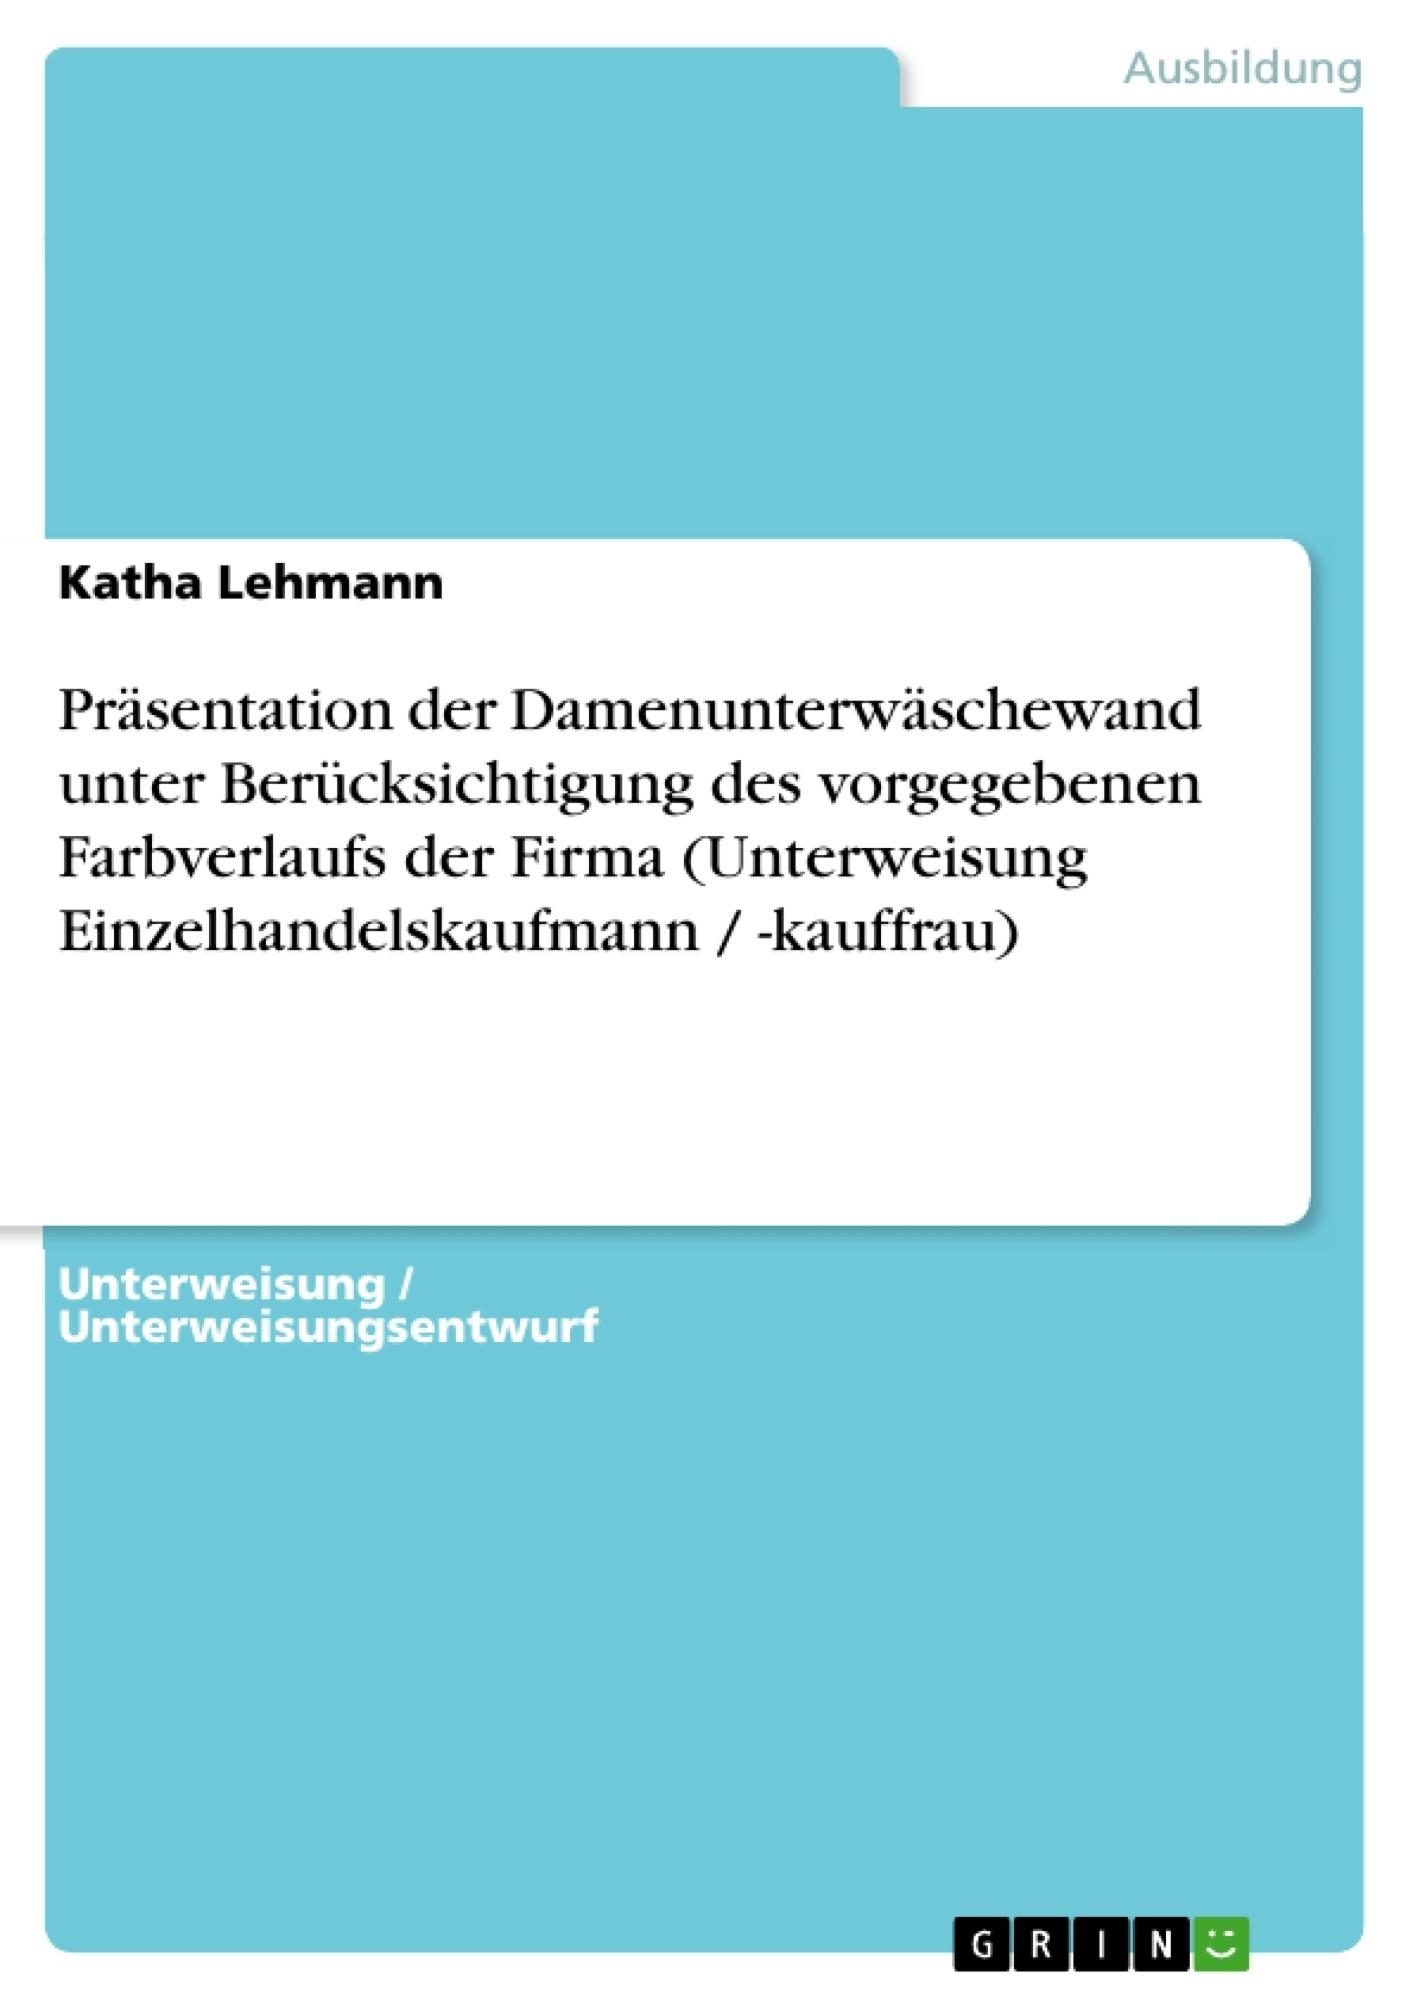 Titel: Präsentation der Damenunterwäschewand unter Berücksichtigung des vorgegebenen Farbverlaufs der Firma (Unterweisung Einzelhandelskaufmann / -kauffrau)